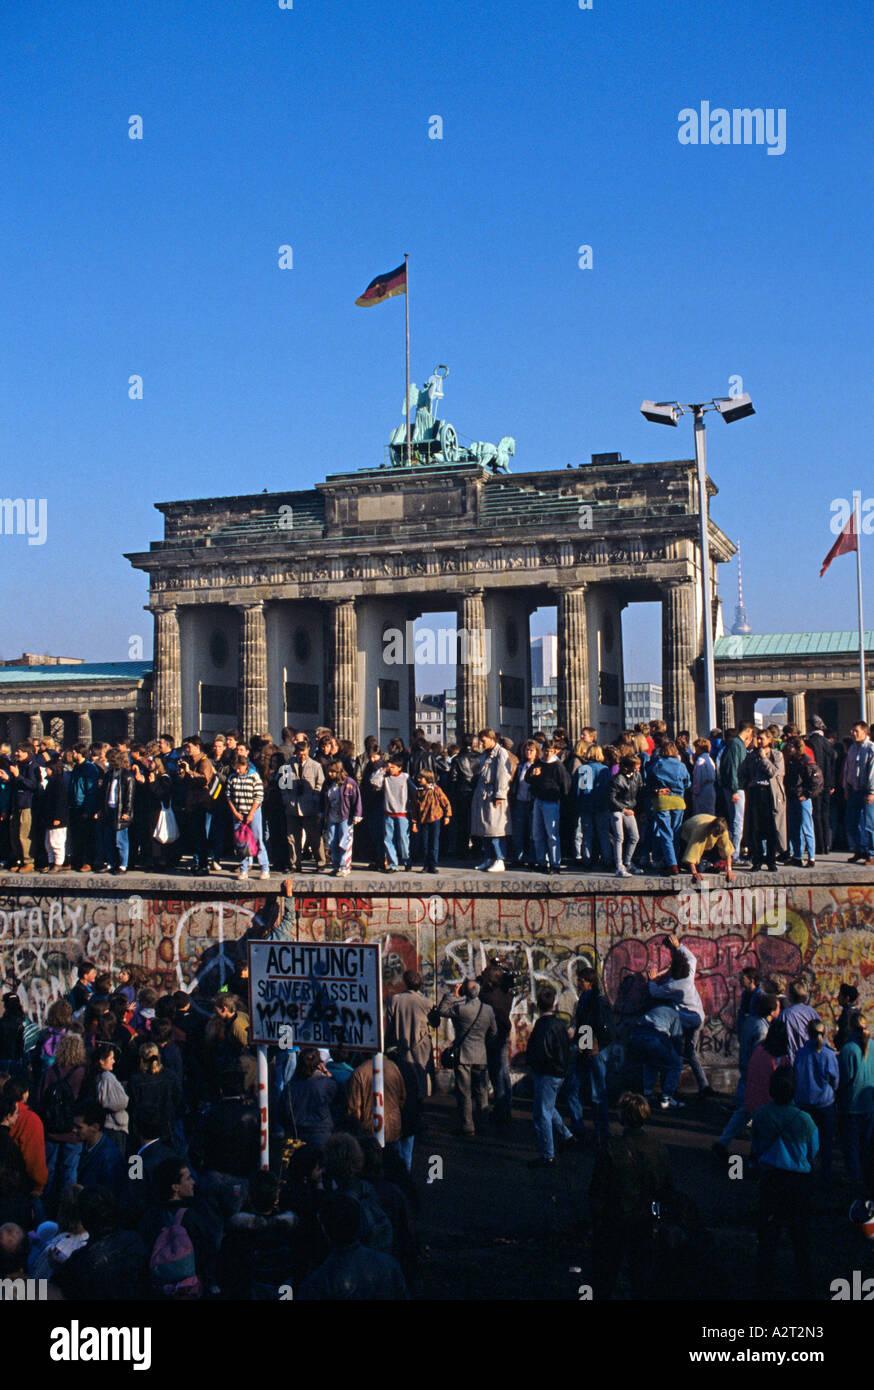 Europa-Europa-Deutschland-Deutschland-Berlin 1989 Mitte Brandenburger Tor Tor Menschen auf der Mauer Menschen Auf der Mauer Stockbild